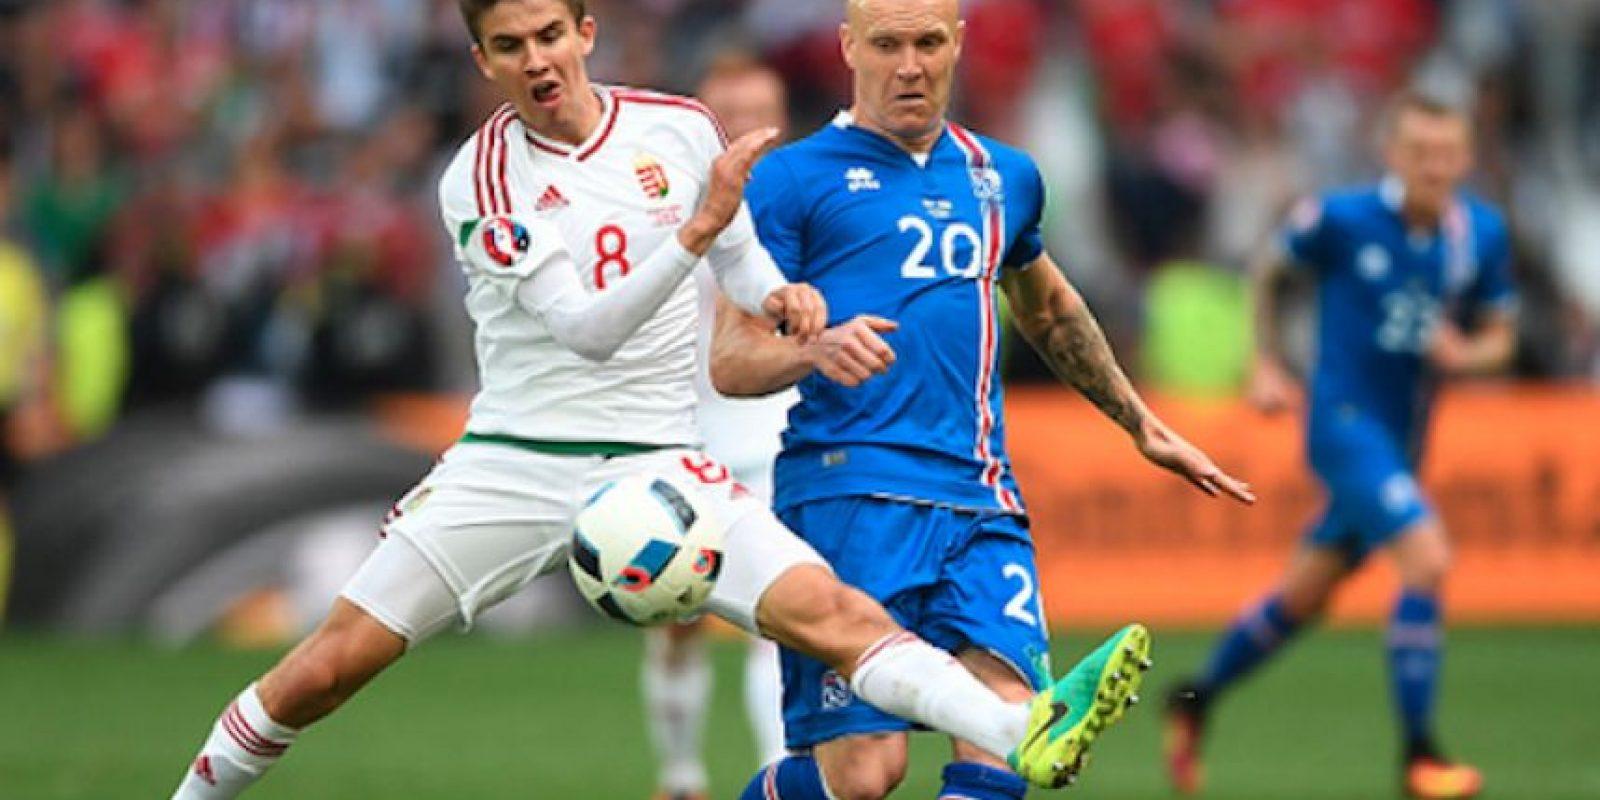 Un autogol de Sævarsson le negó el triunfo a los islandeses. Foto:Getty Images